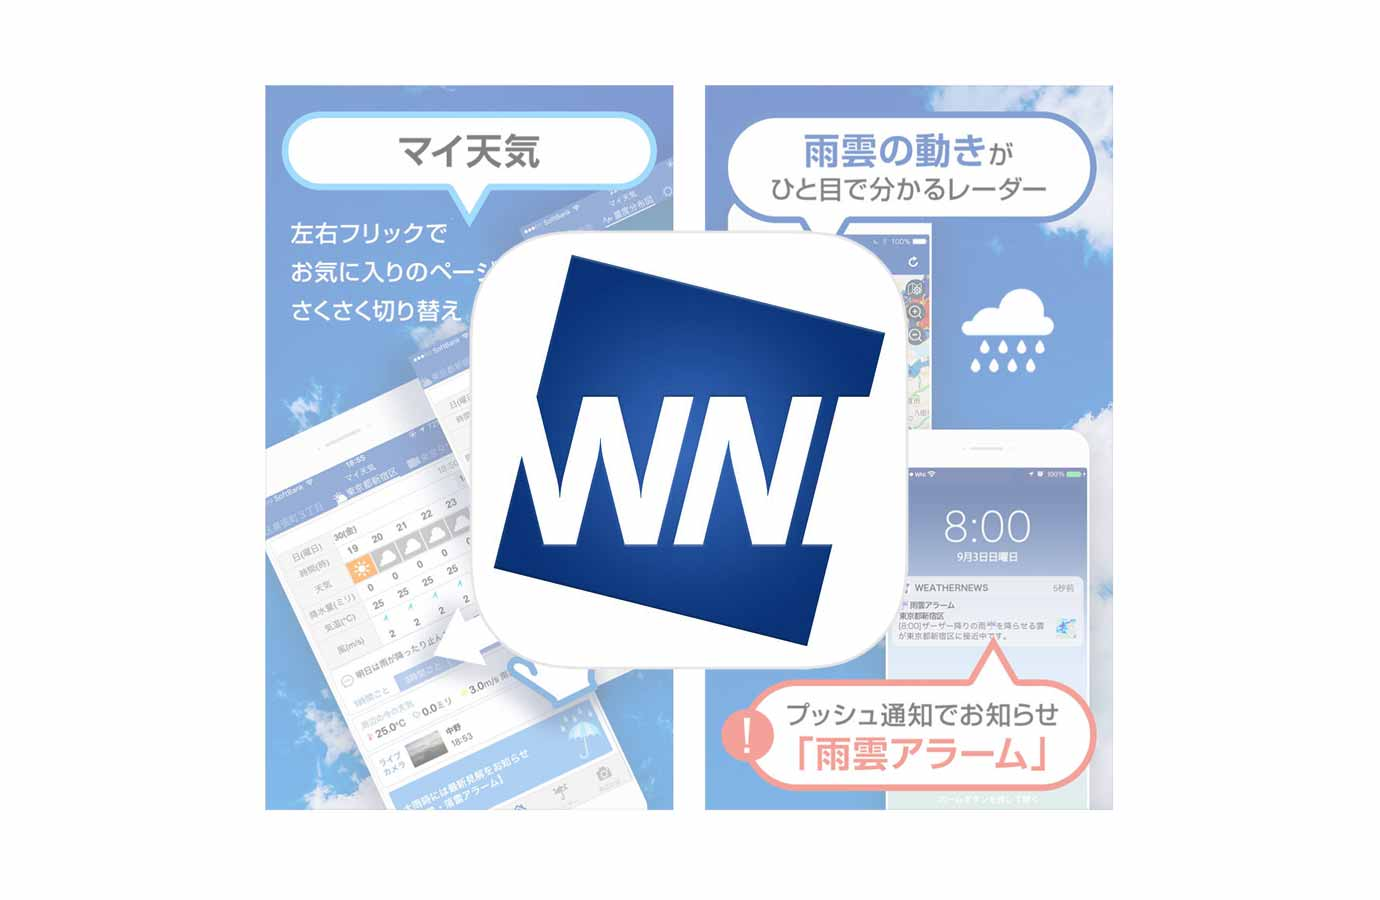 ウェザーニューズ、トップ画面を全面リニューアルしたiOSアプリ「ウェザーニュースタッチ 4.0.0」リリース